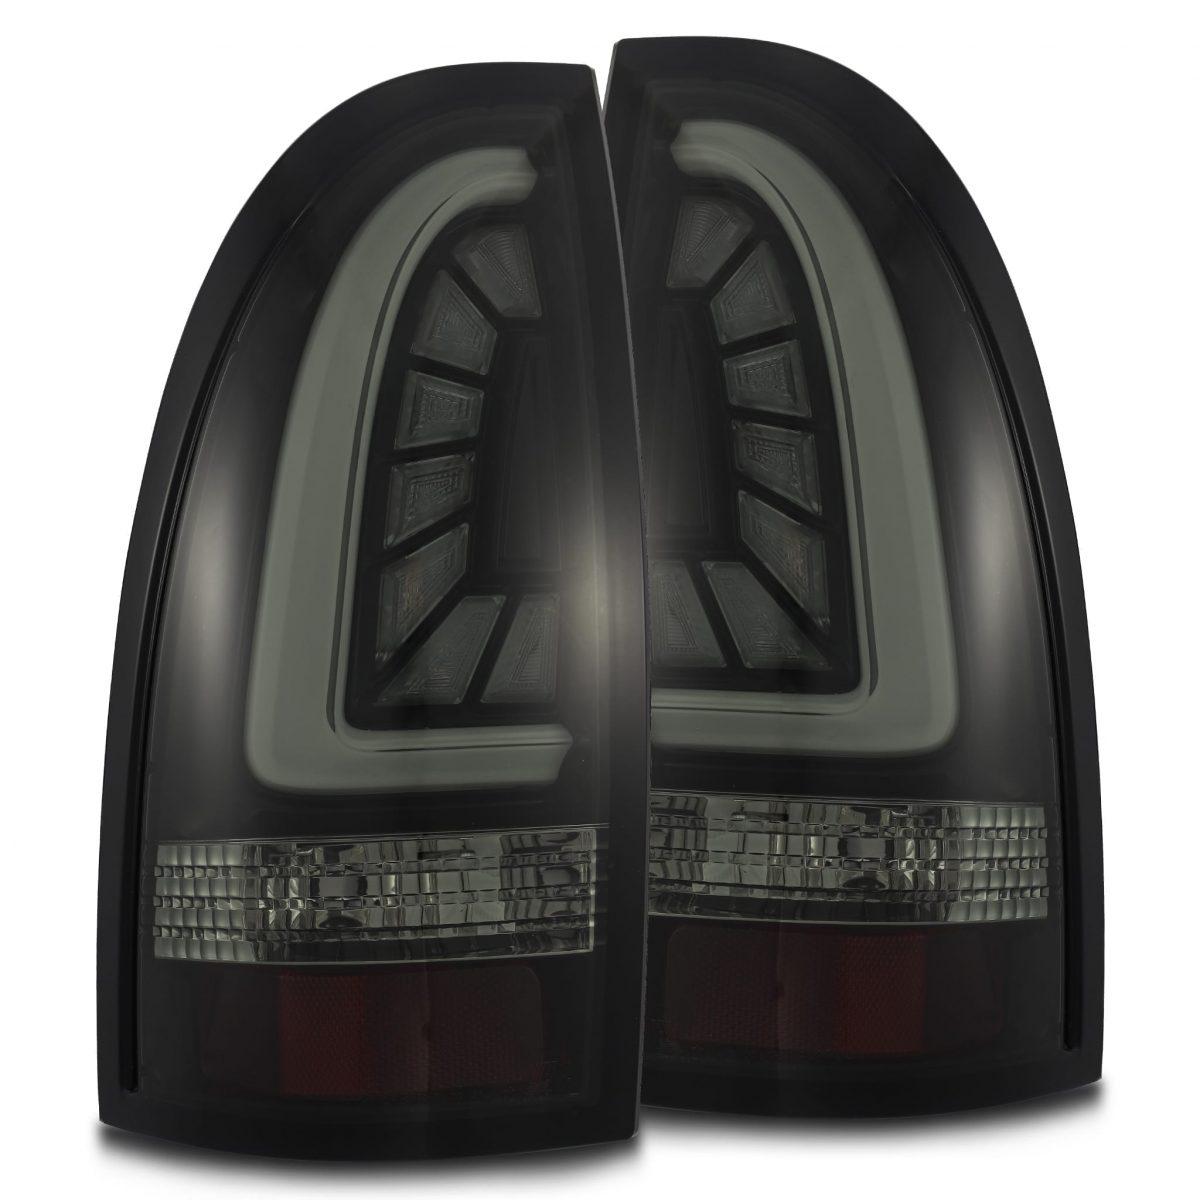 2005 2006 2007 2008 2009 2010 2011 2012 2013 2014 2015 Toyota Tacoma AlphaRex PRO-Series LED Tail Lights Jet Black